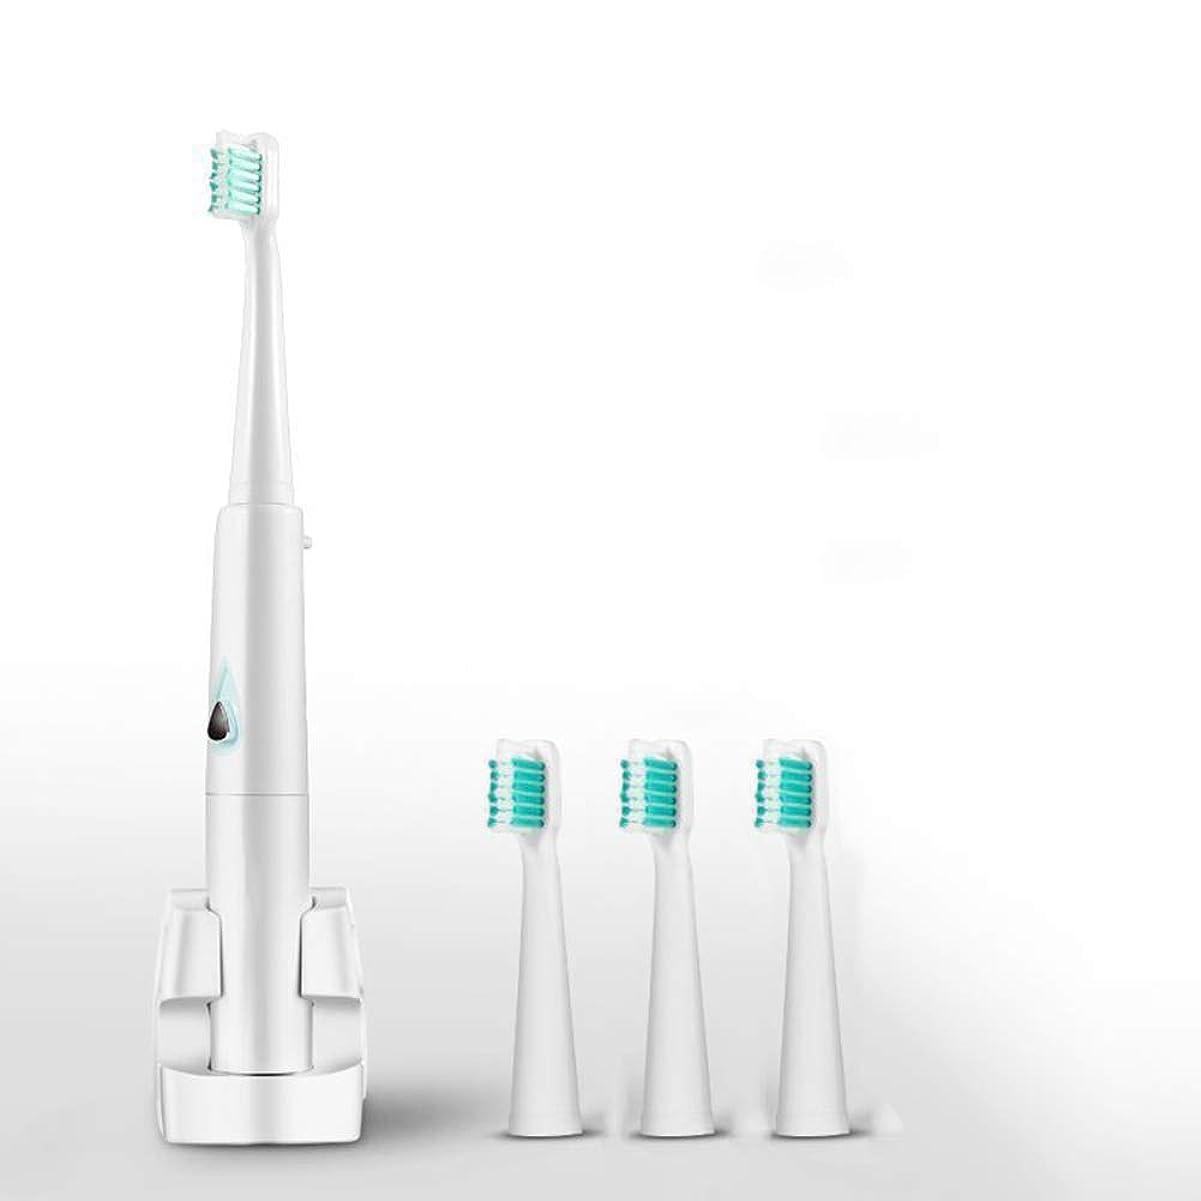 天窓肘掛け椅子ギャロップ電動歯ブラシ、音波歯ブラシ、ワイヤレス誘導充電、3つのモード、2分間のインテリジェントタイミング、大人およびティーン向け,グリーン